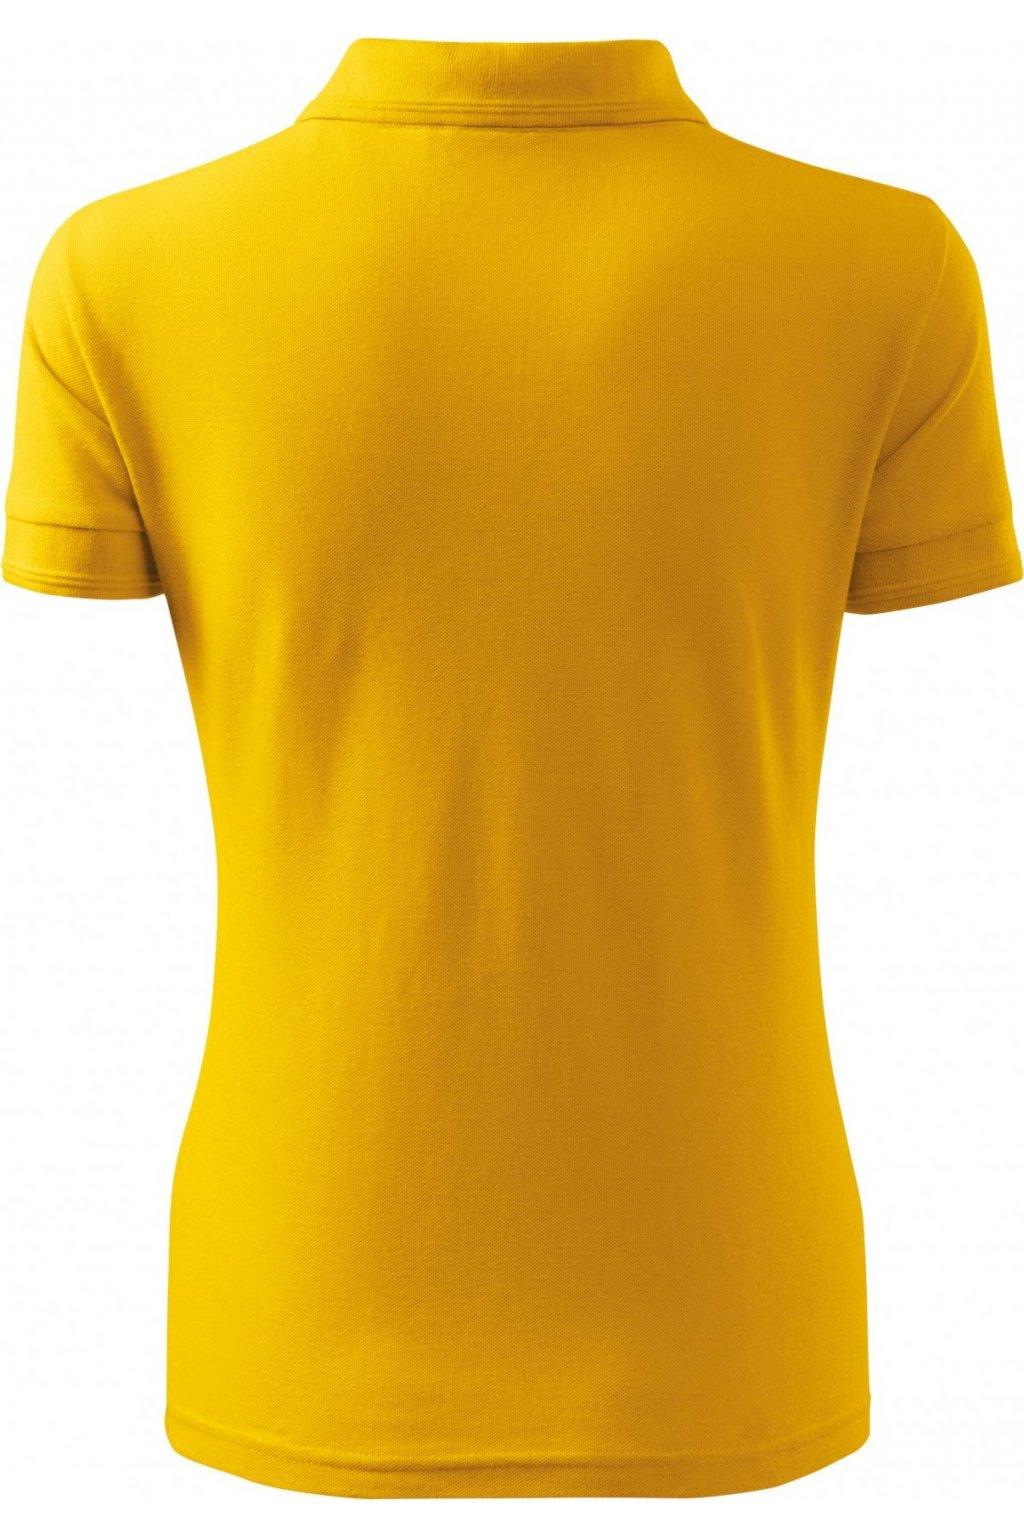 3840a65203a ... s výšivkou i potiskem. Reklamní textil Adler s kompletní dodávkou  služeb. Pracovní trička Adler v nejvyšší kvalitě za skvělé ceny.